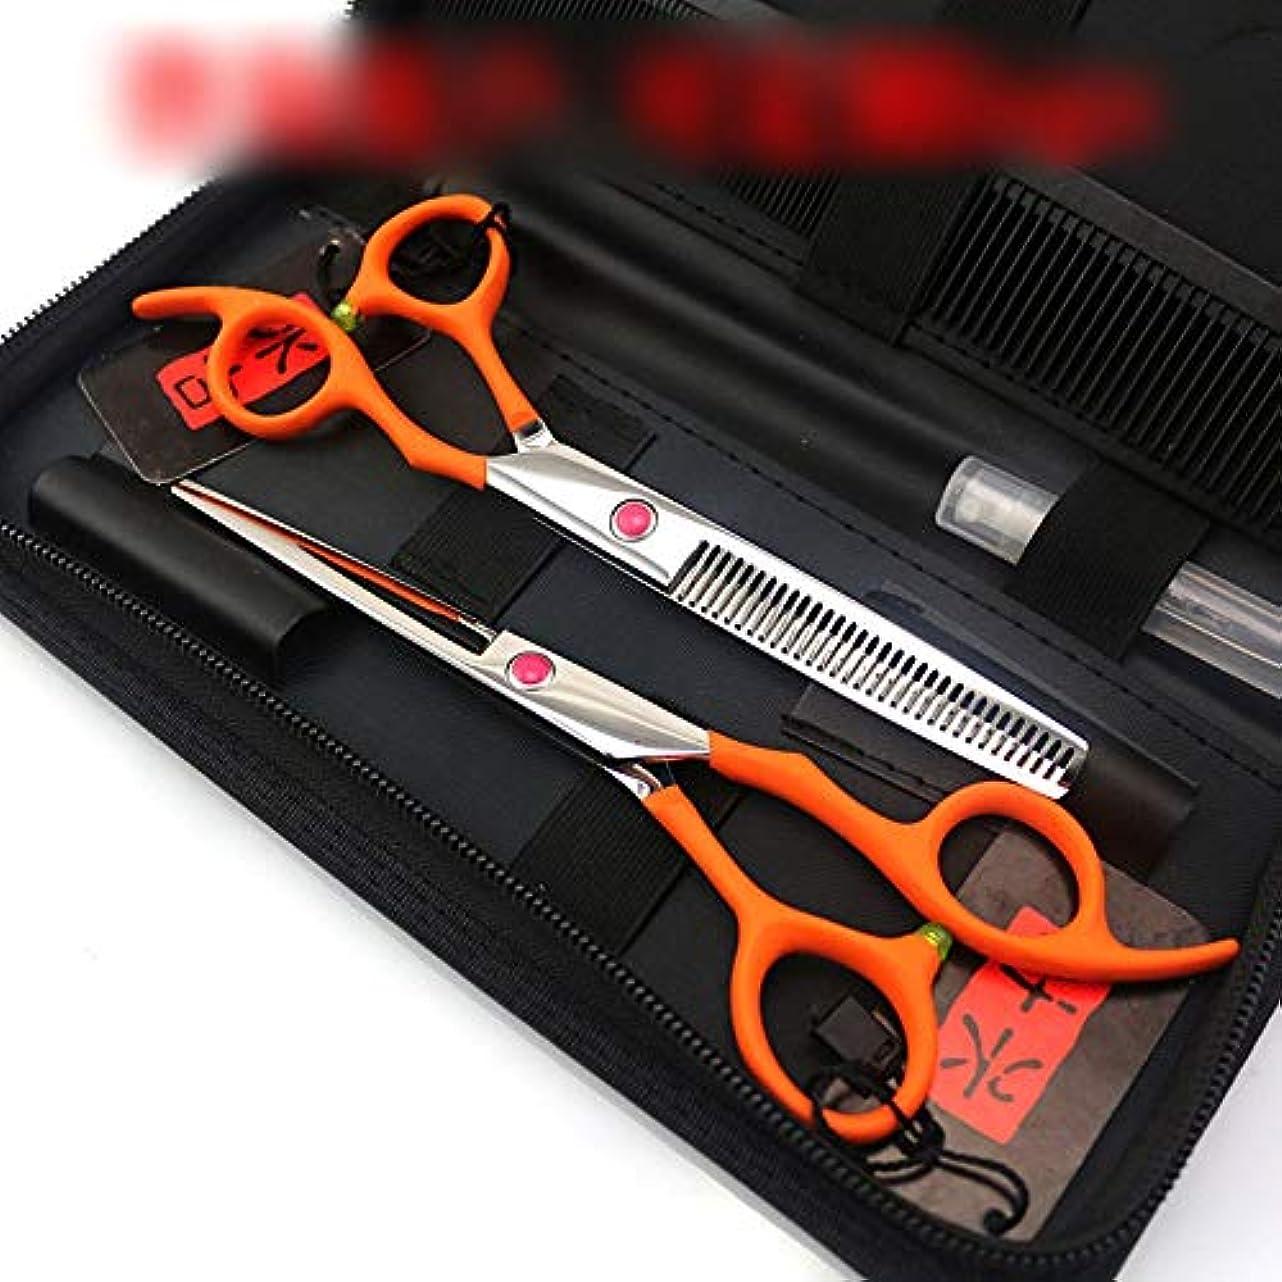 しっとり架空の夕食を作る6.0インチのオレンジ専門理髪はさみセット、ハイエンド専門理髪ツールセット ヘアケア (色 : オレンジ)